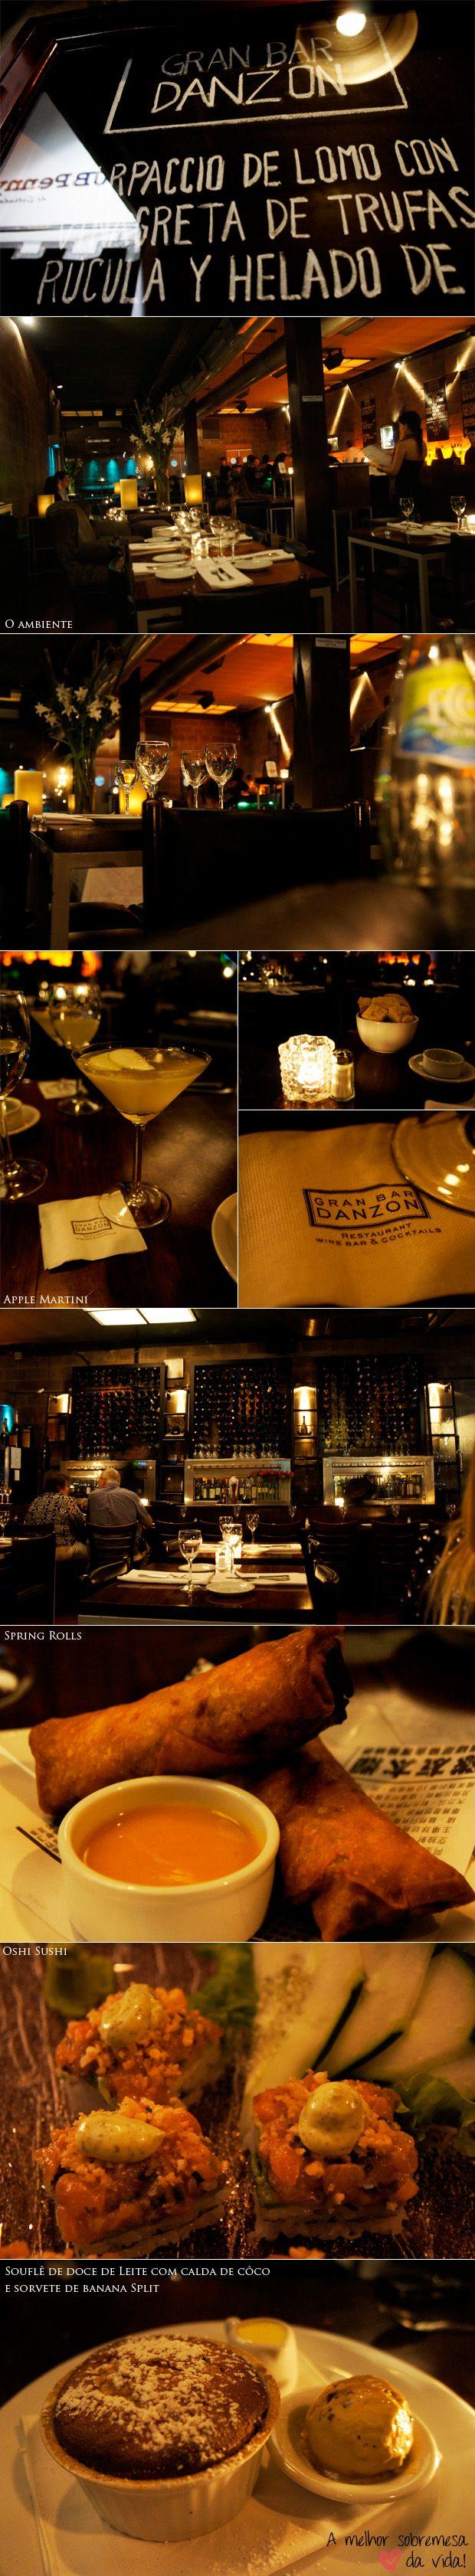 Gente, sem dúvidas o melhor lugar que fui em Buenos Aires foi o Grand Bar Danzon! Juro, uma surpresa e tanto quando cheguei lá, e diga-se de passagem, do início ao fim do jantar! Bom, o lugar é lindo, tem um ambiente super agradável, com músicas super badaladas! É um lugar para ir com a … Continue reading Dica gastronômica BsAs – Gran Bar Danzon